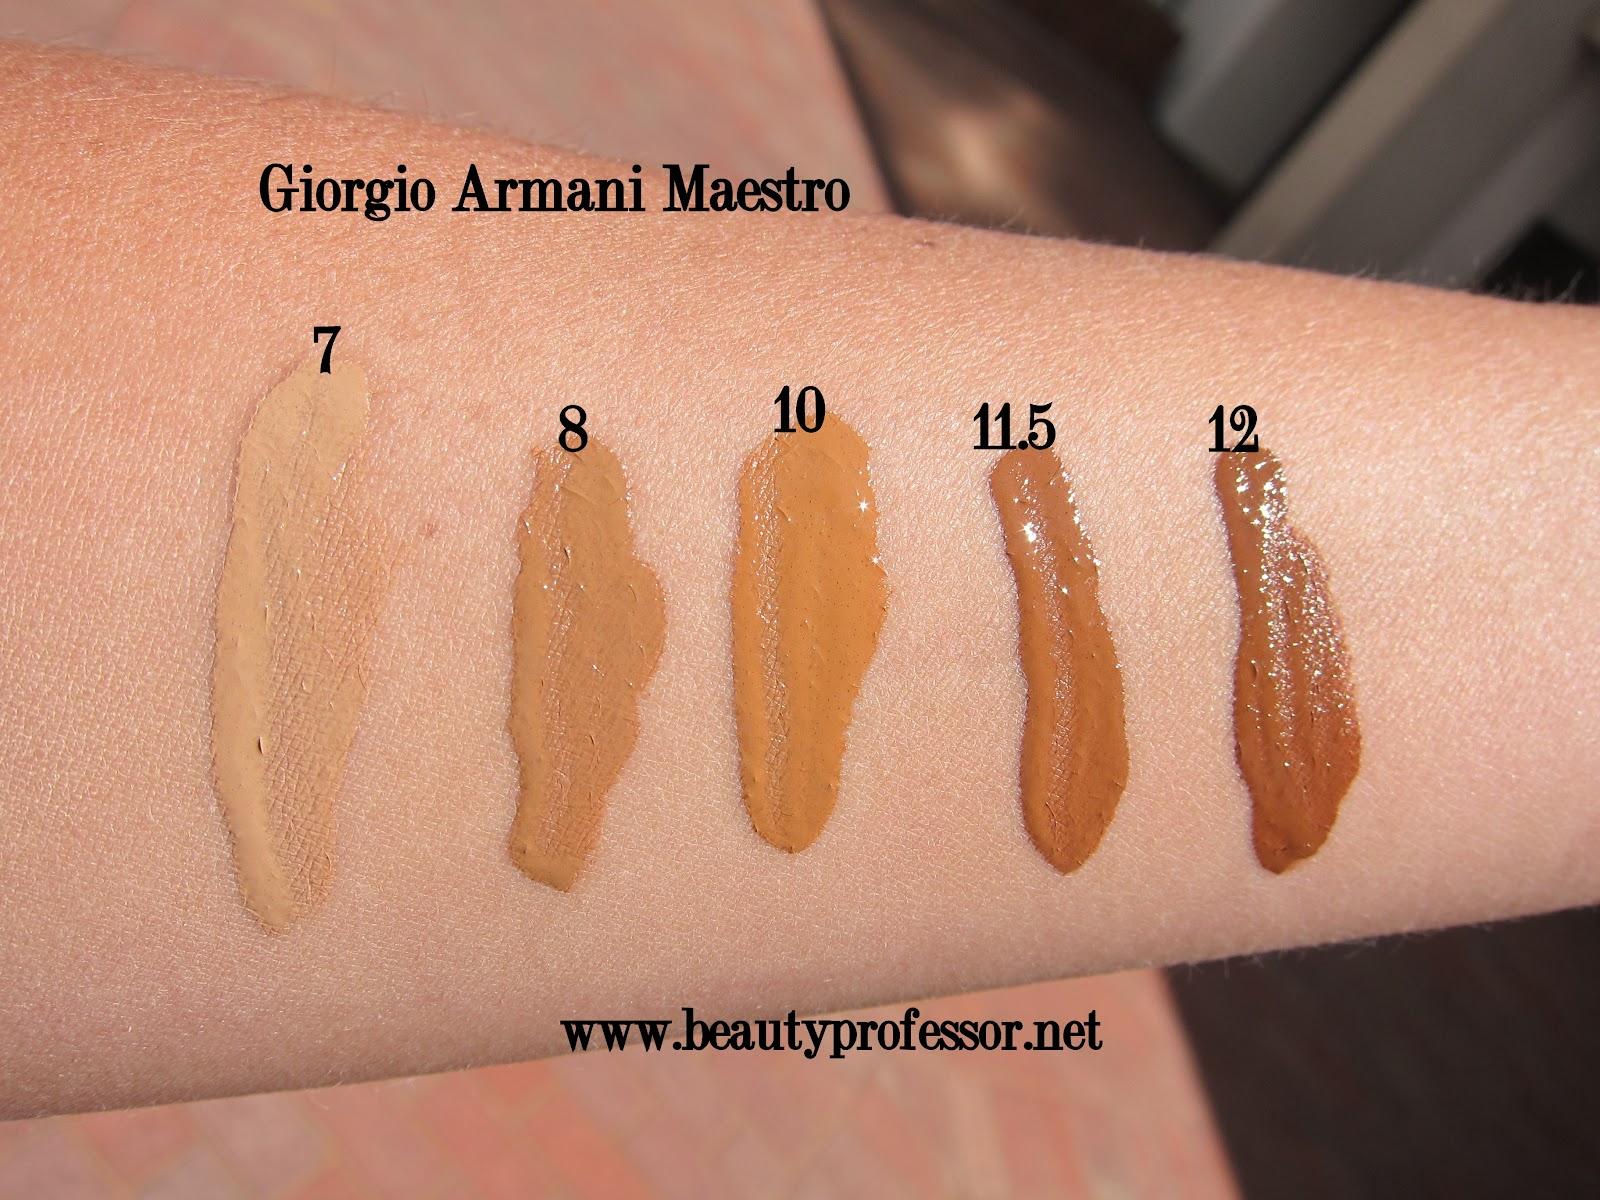 Beauty Professor Giorgio Armani Maestro Makeup My